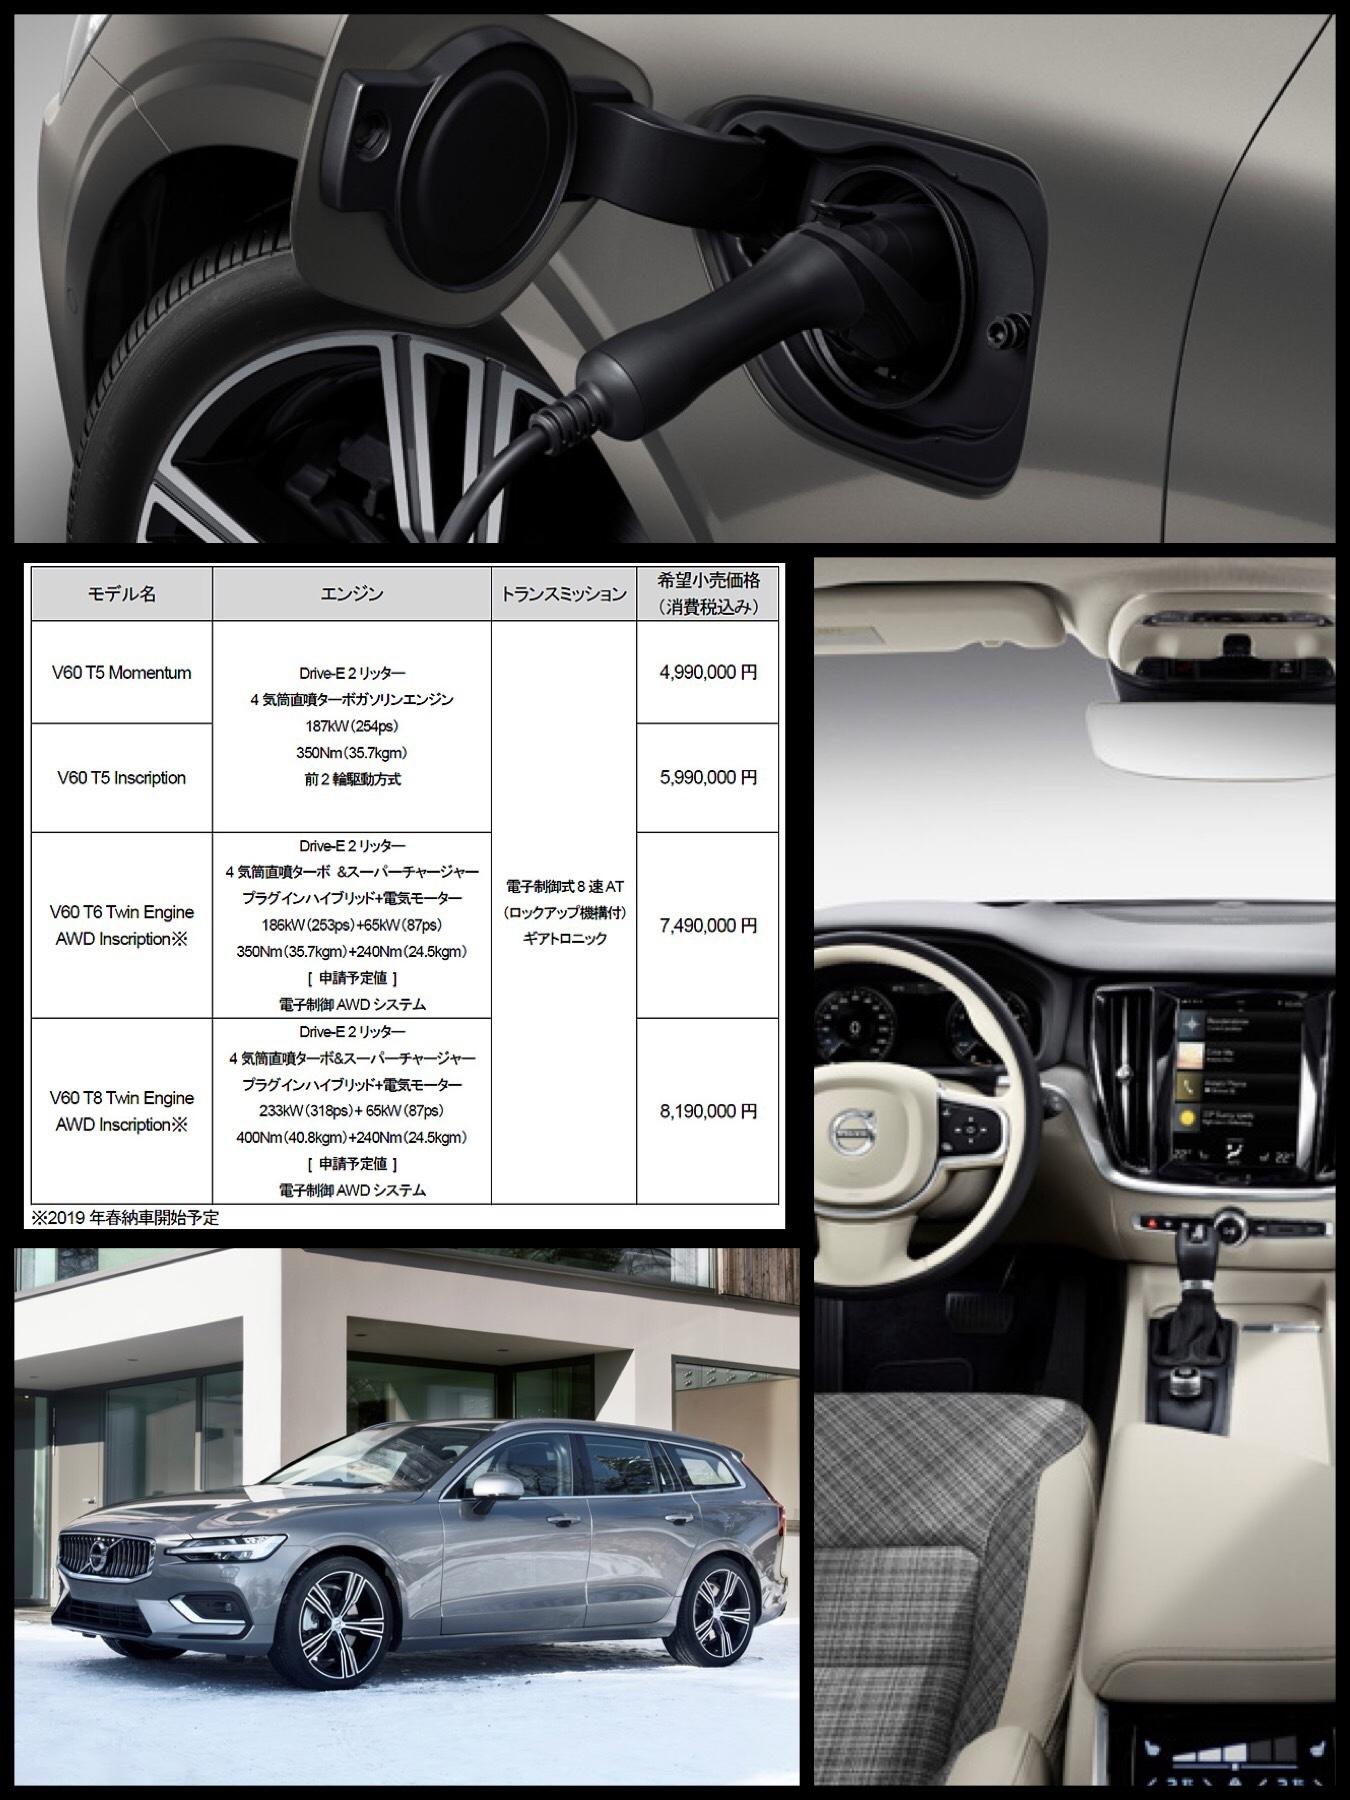 NEW ボルボ V60 VOLVO PHEV